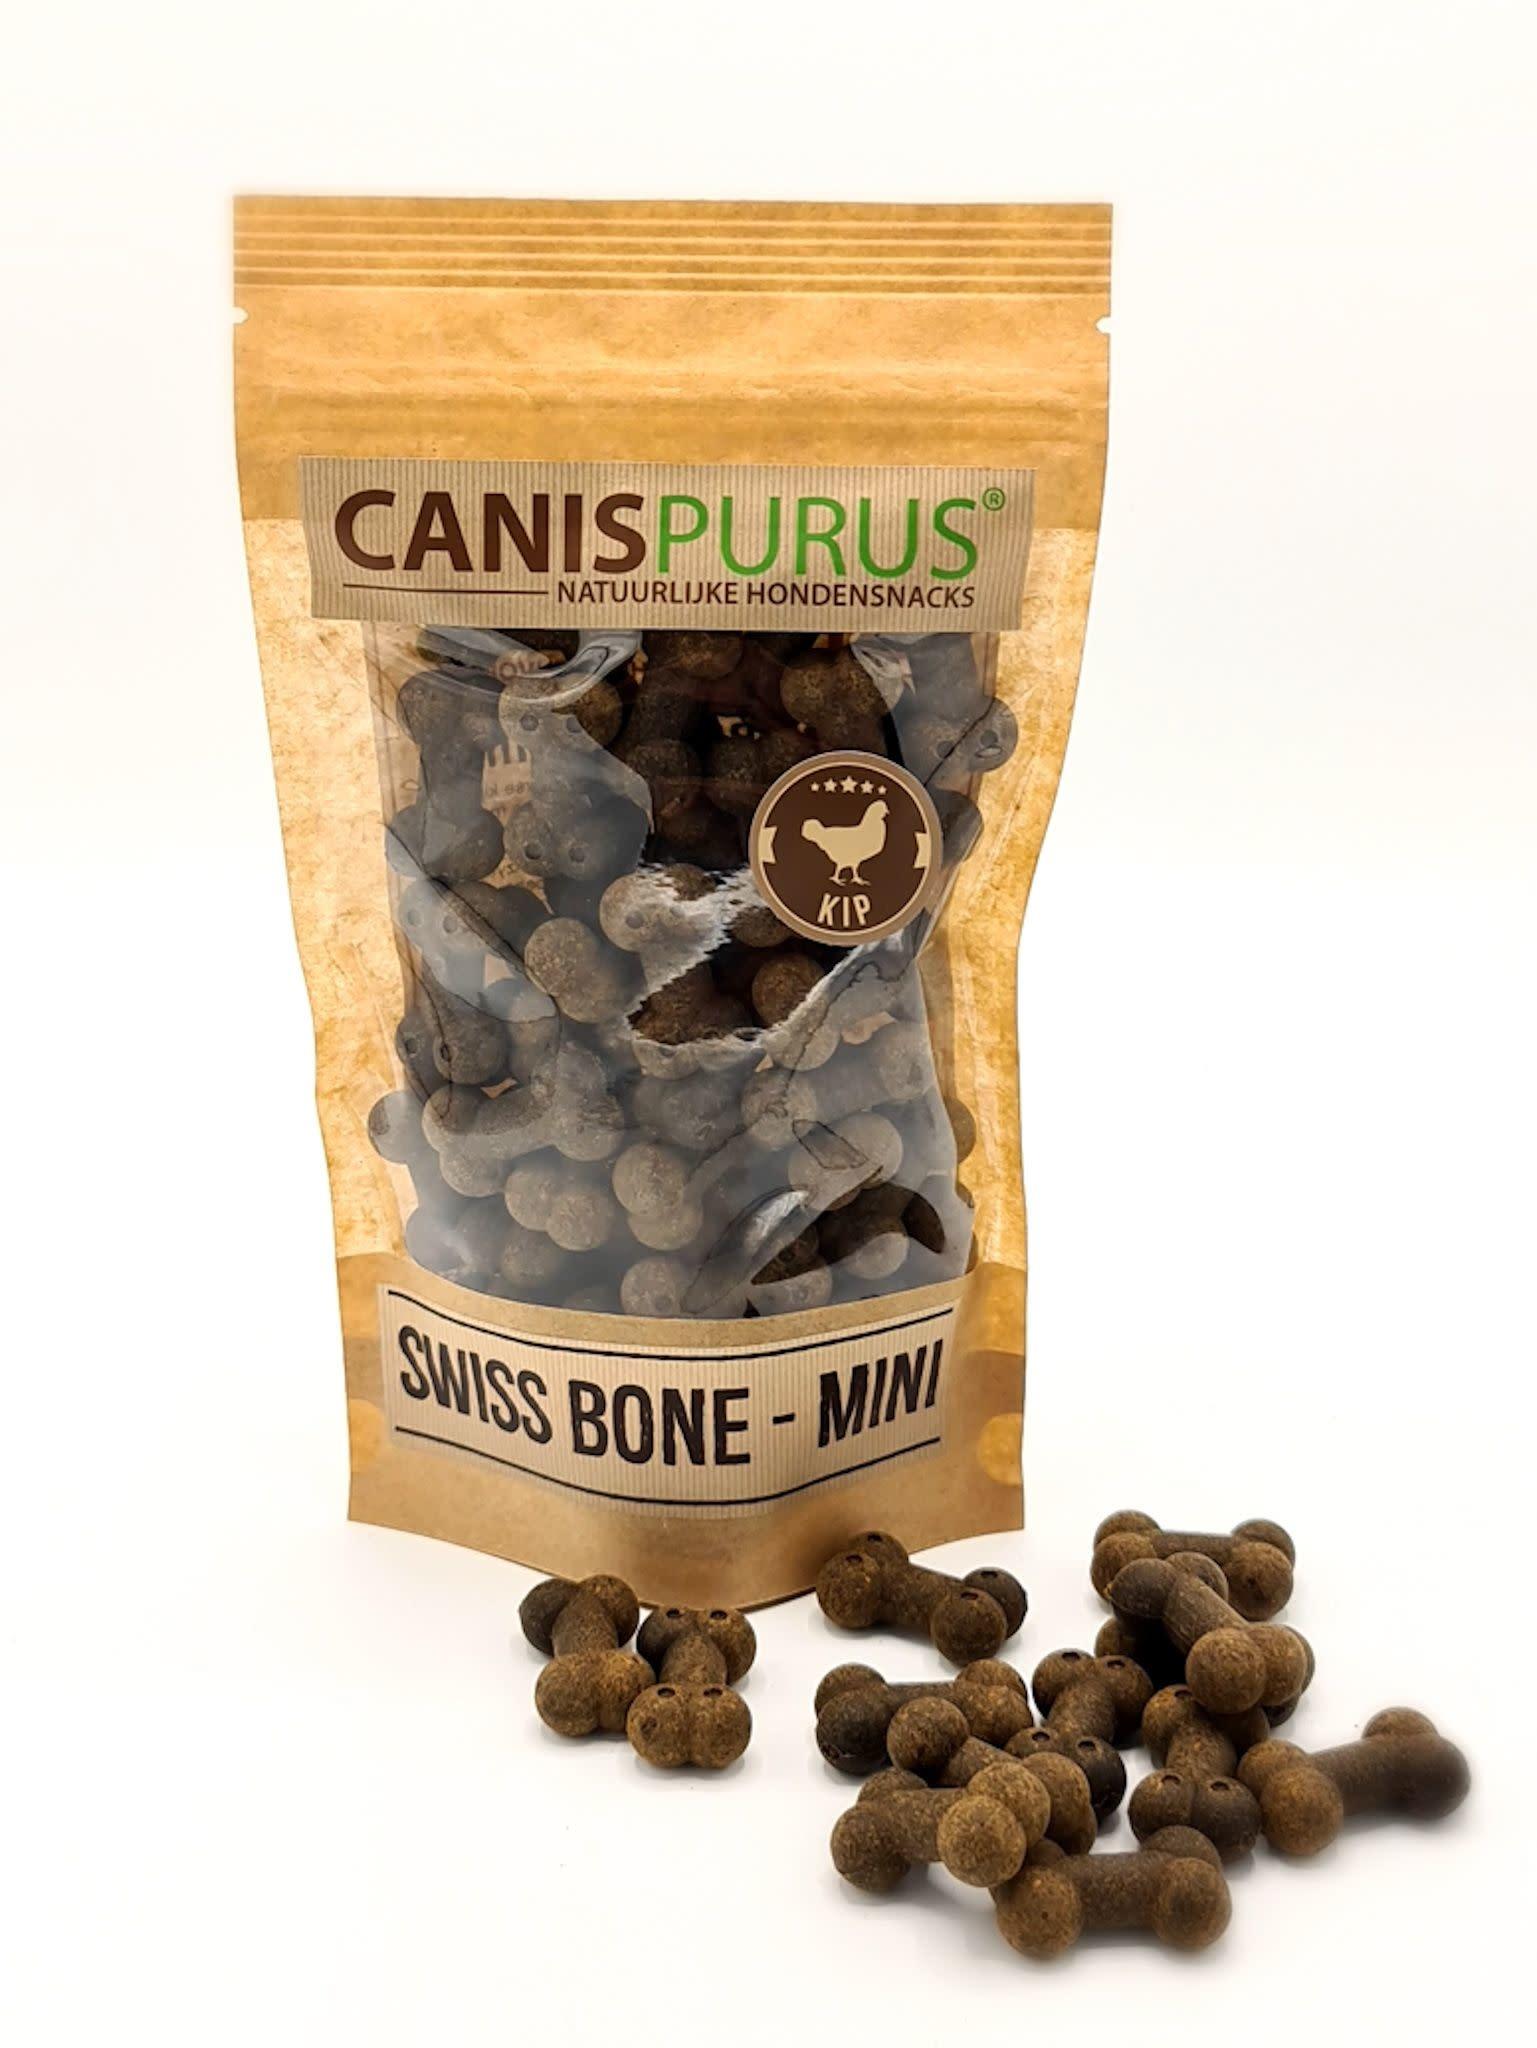 Canis Purus Canis Purus Swiss bones mini